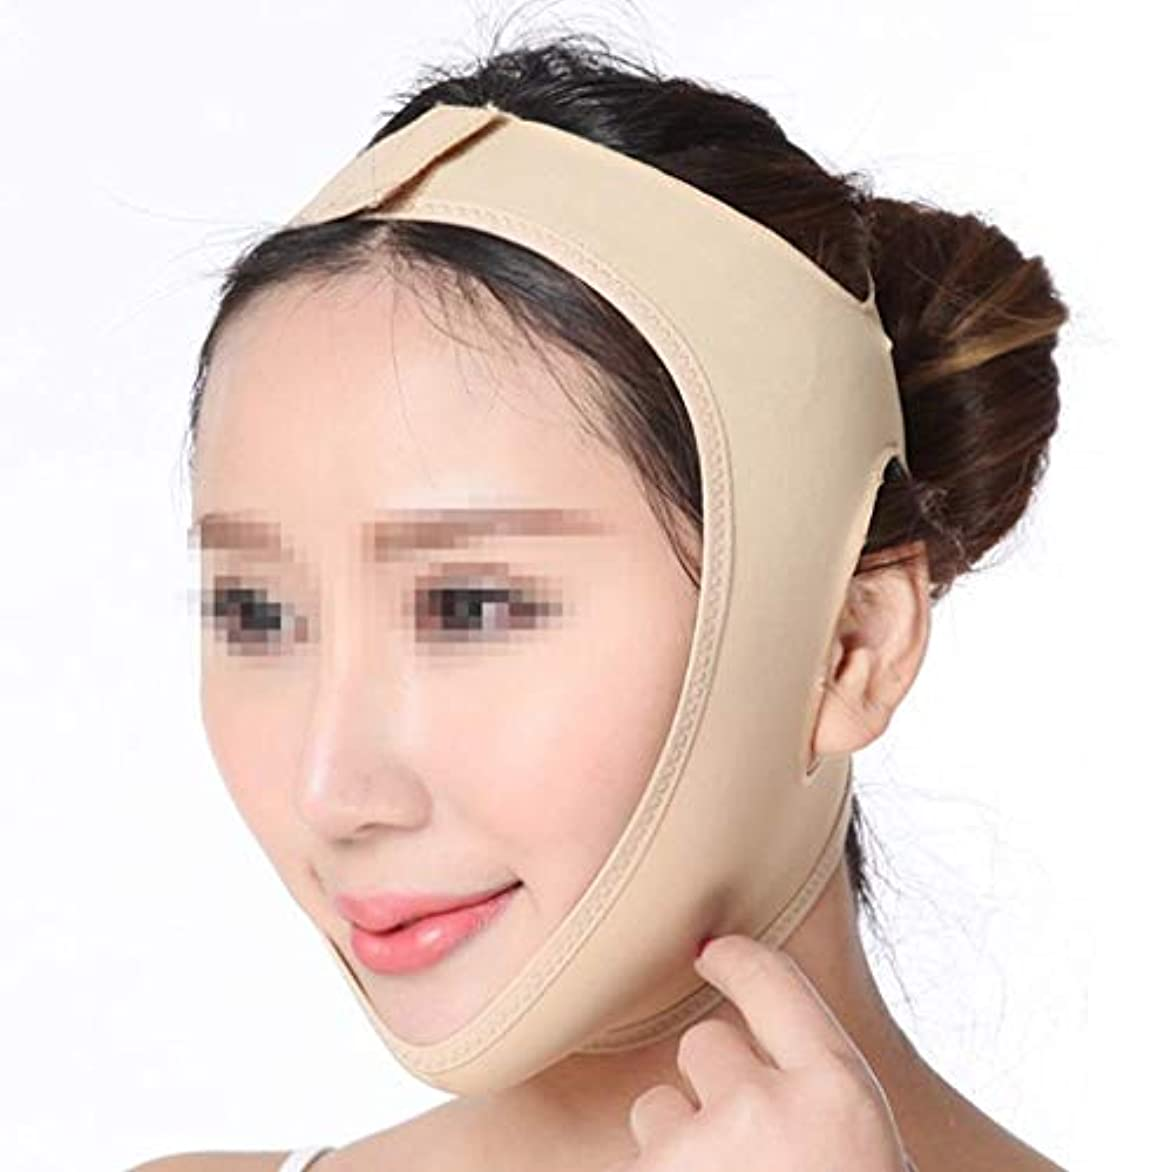 神聖減らす主要なフェイスリフティング包帯、Vフェイスシンフェイスマスクフェイスリフティング包帯リフティングVフェイスマスク(サイズ:M)